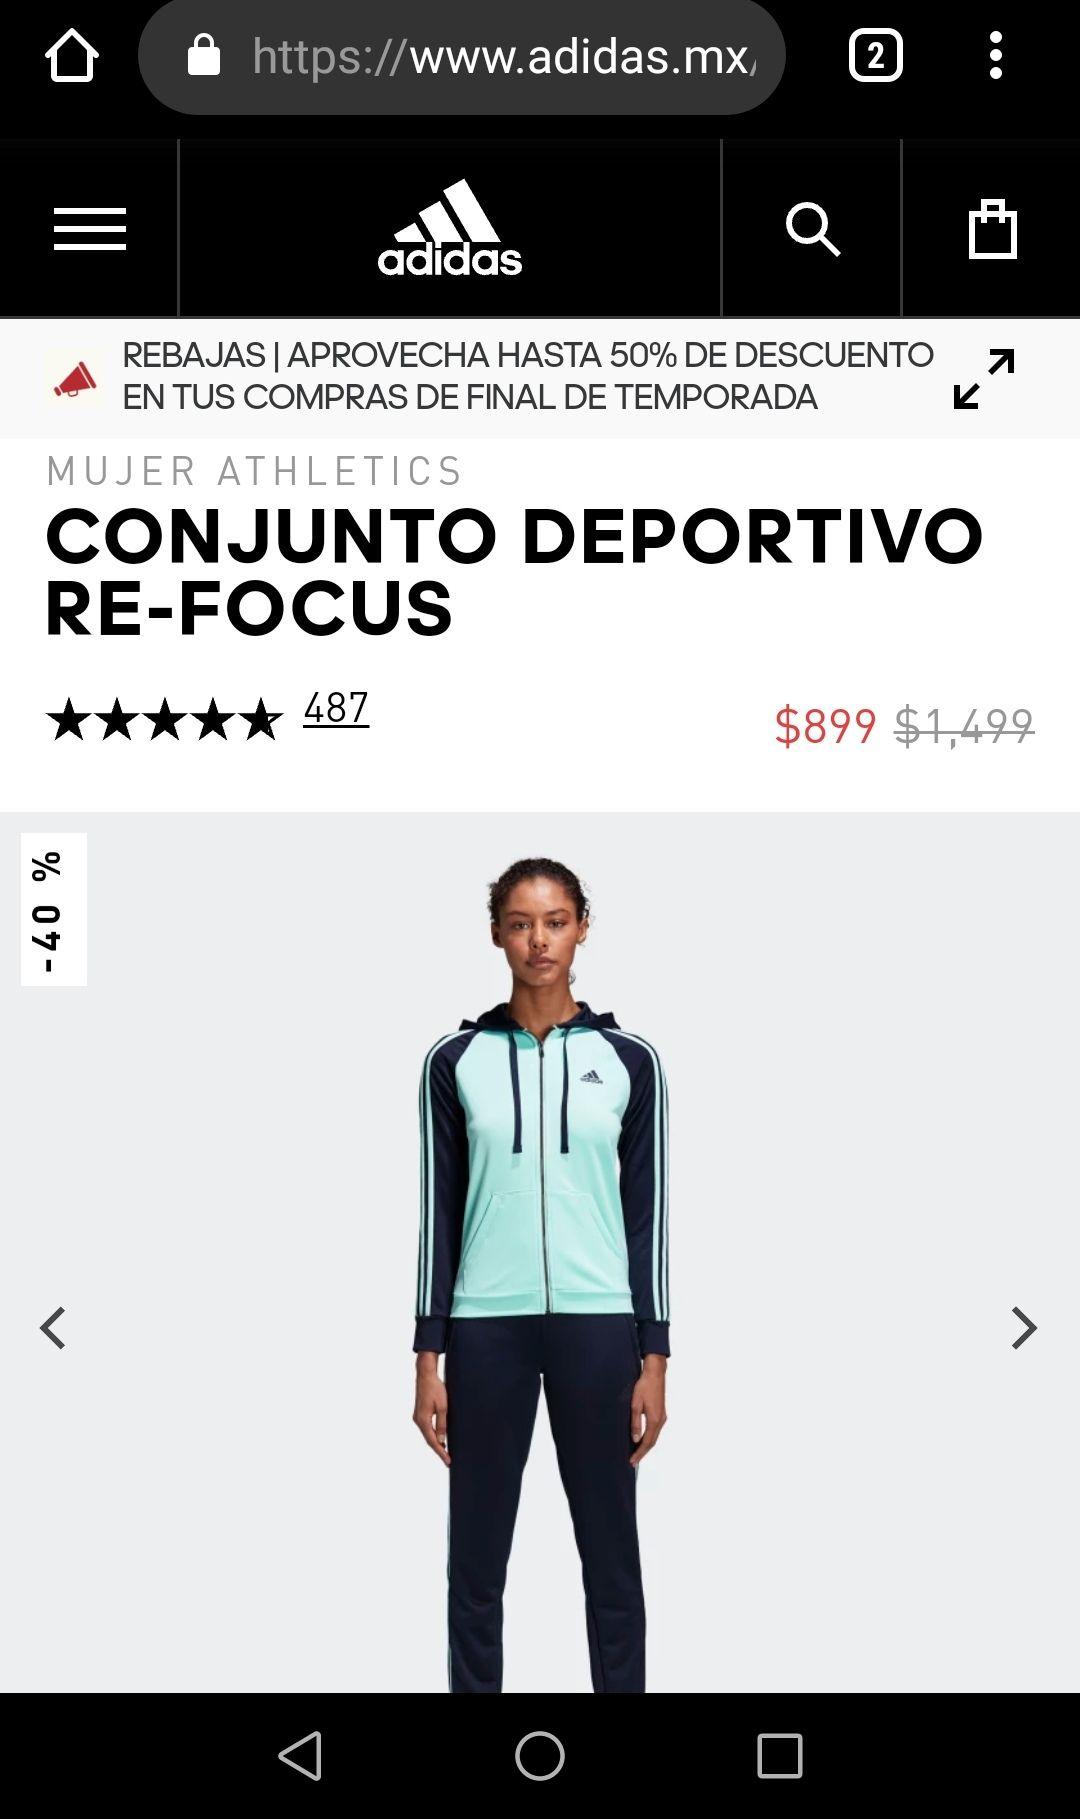 Adidas: Conjunto deportivo adidas para mujer